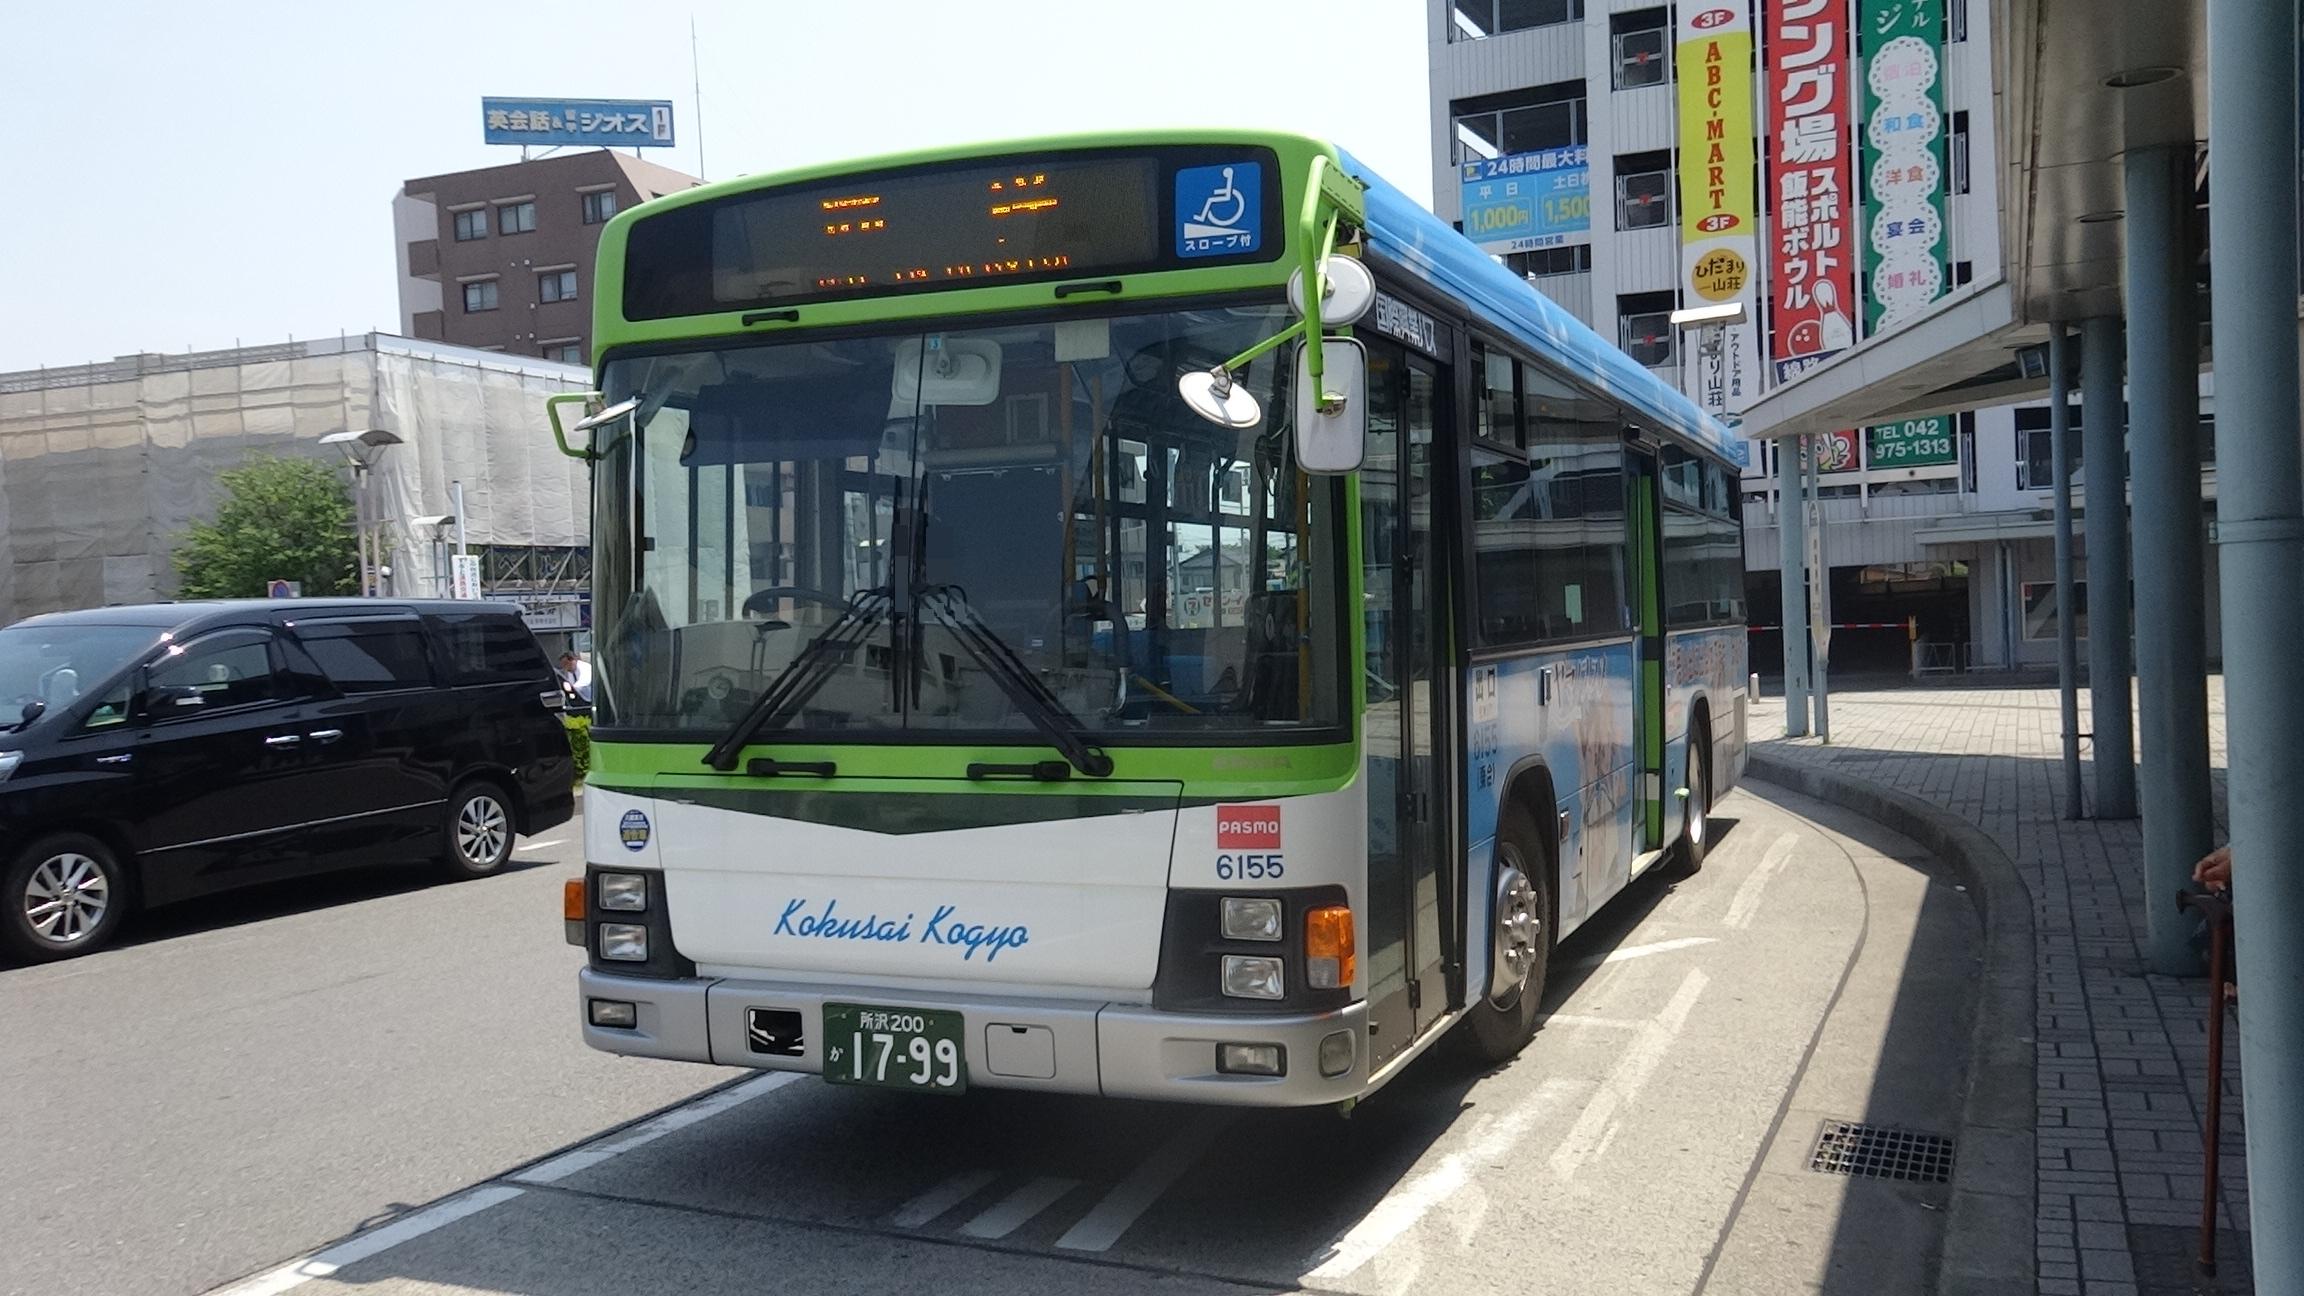 乗り物と旅行のBLOG 国際興業バス 6155 いすゞ自動車 エルガ(J-BUS)